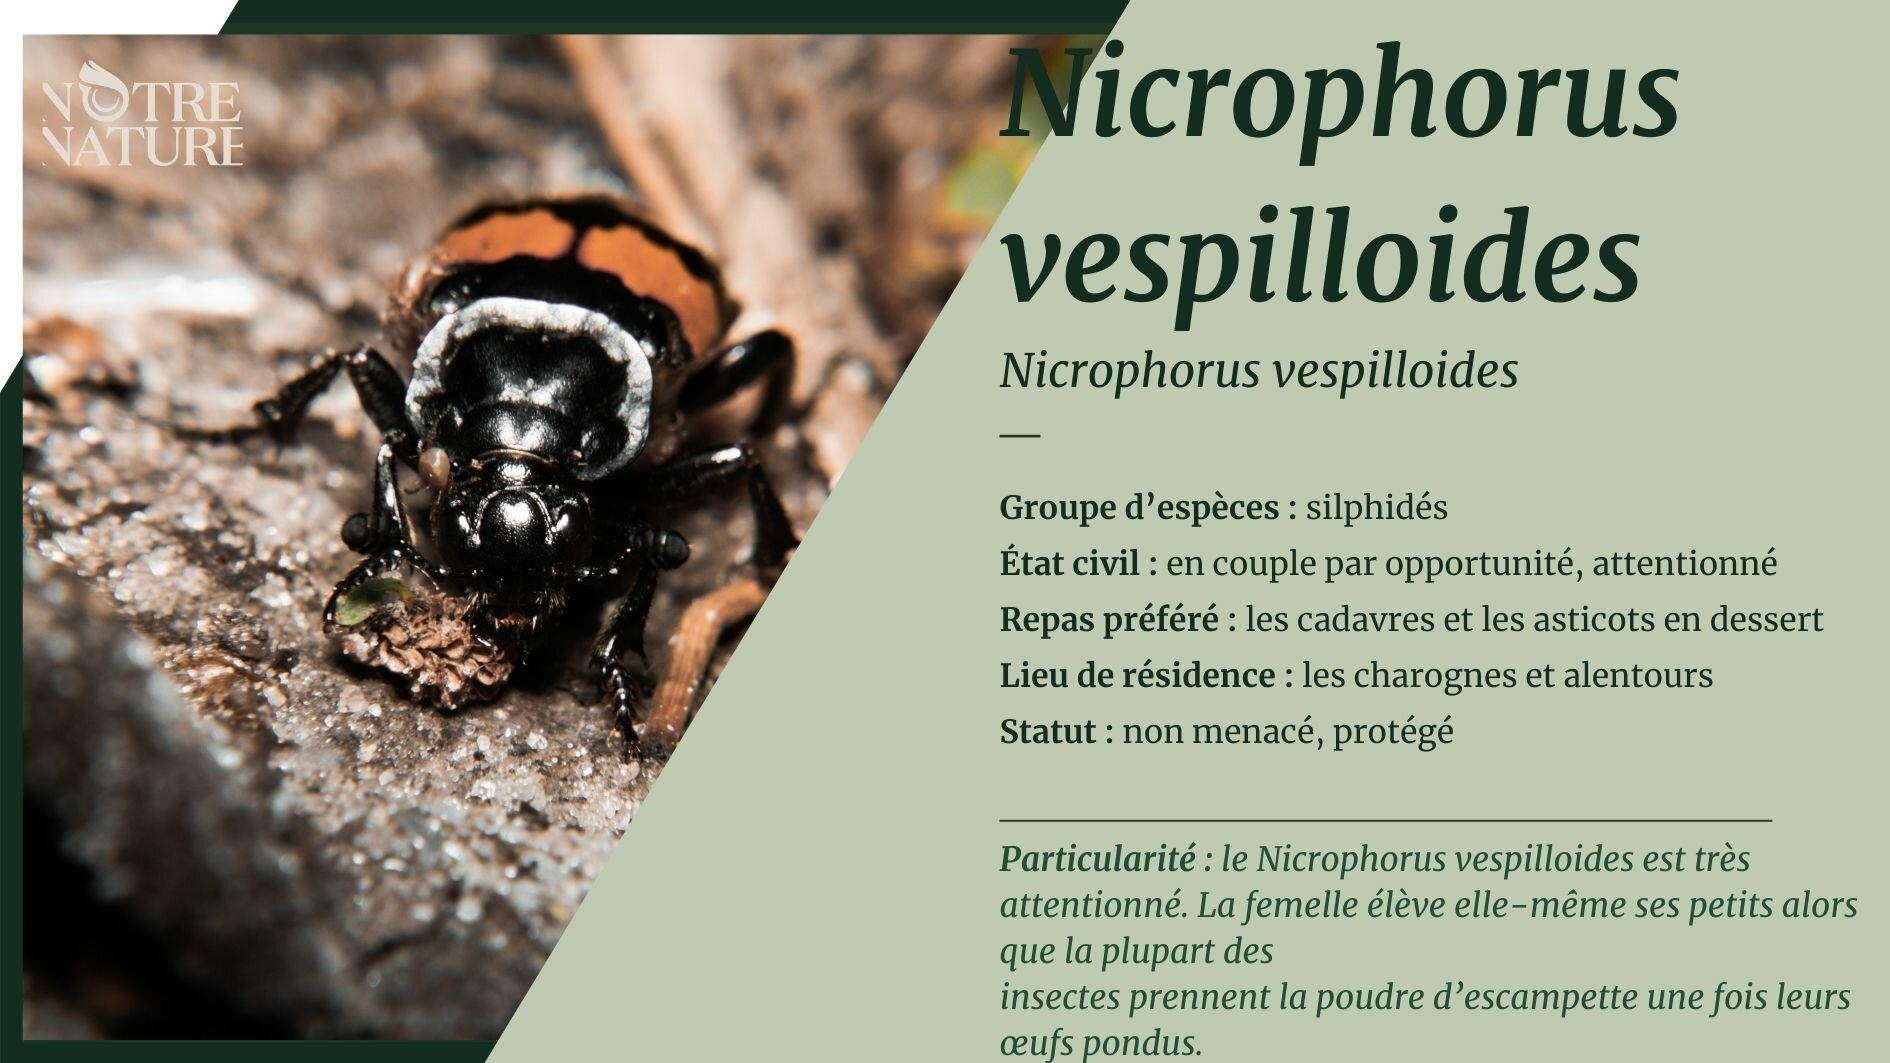 nicrophorus-fiche.jpg